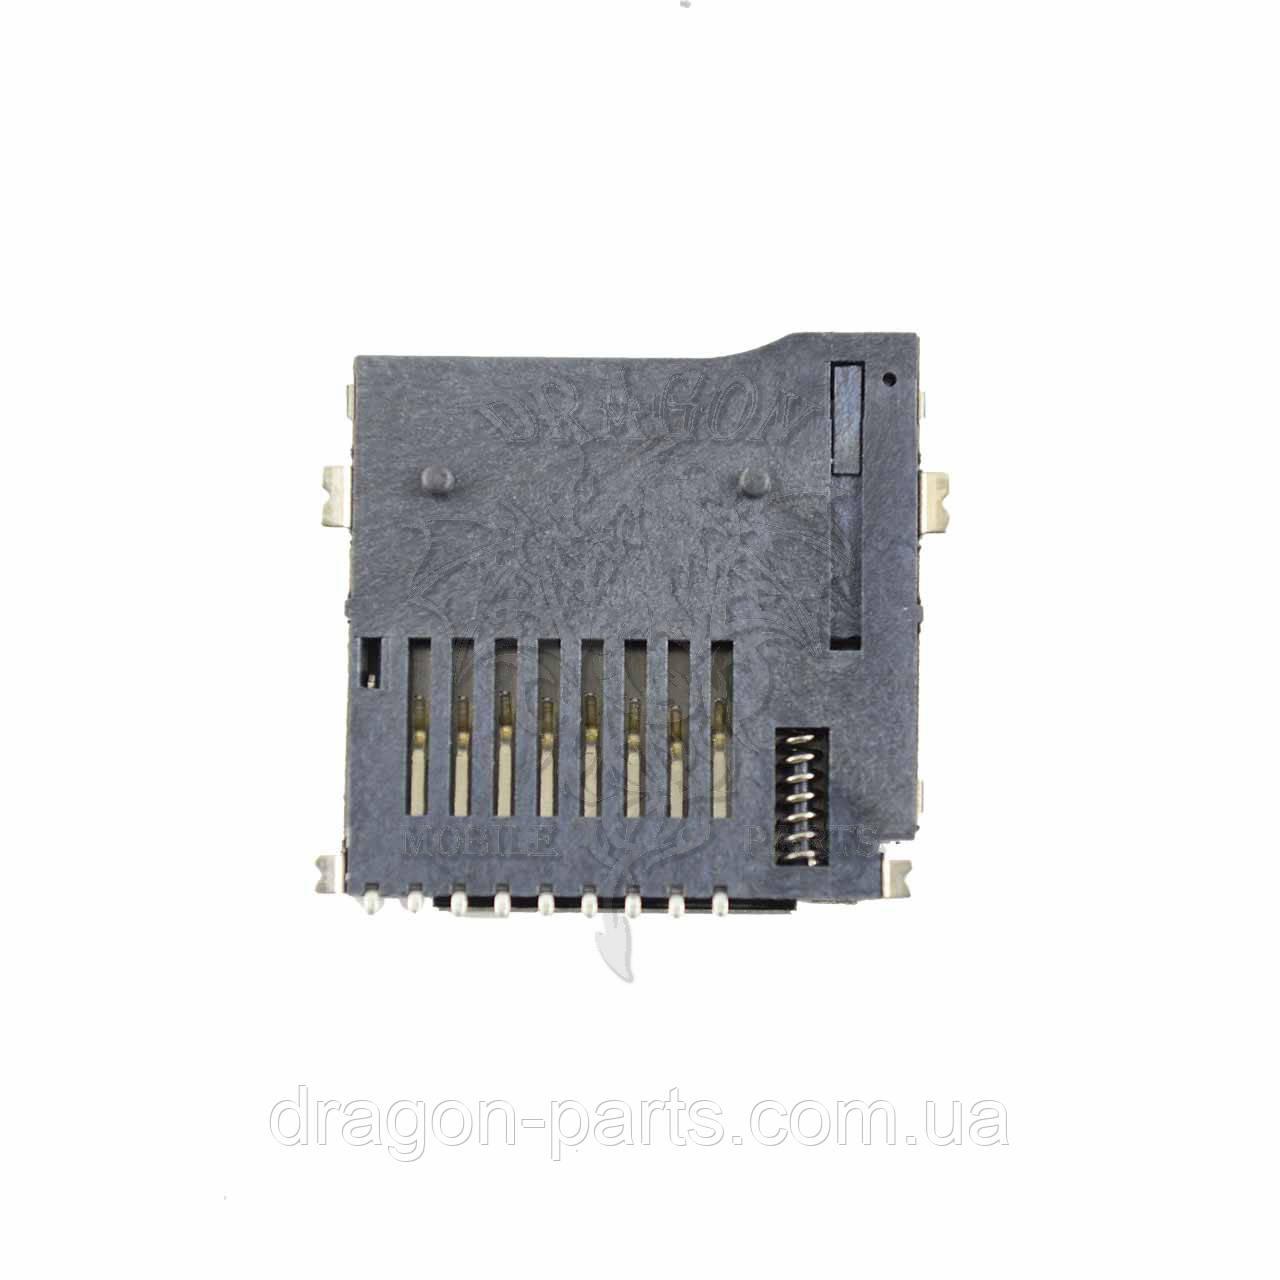 Разъем карты памяти (коннектор) Nomi Corsa 3 C070012, оригинал